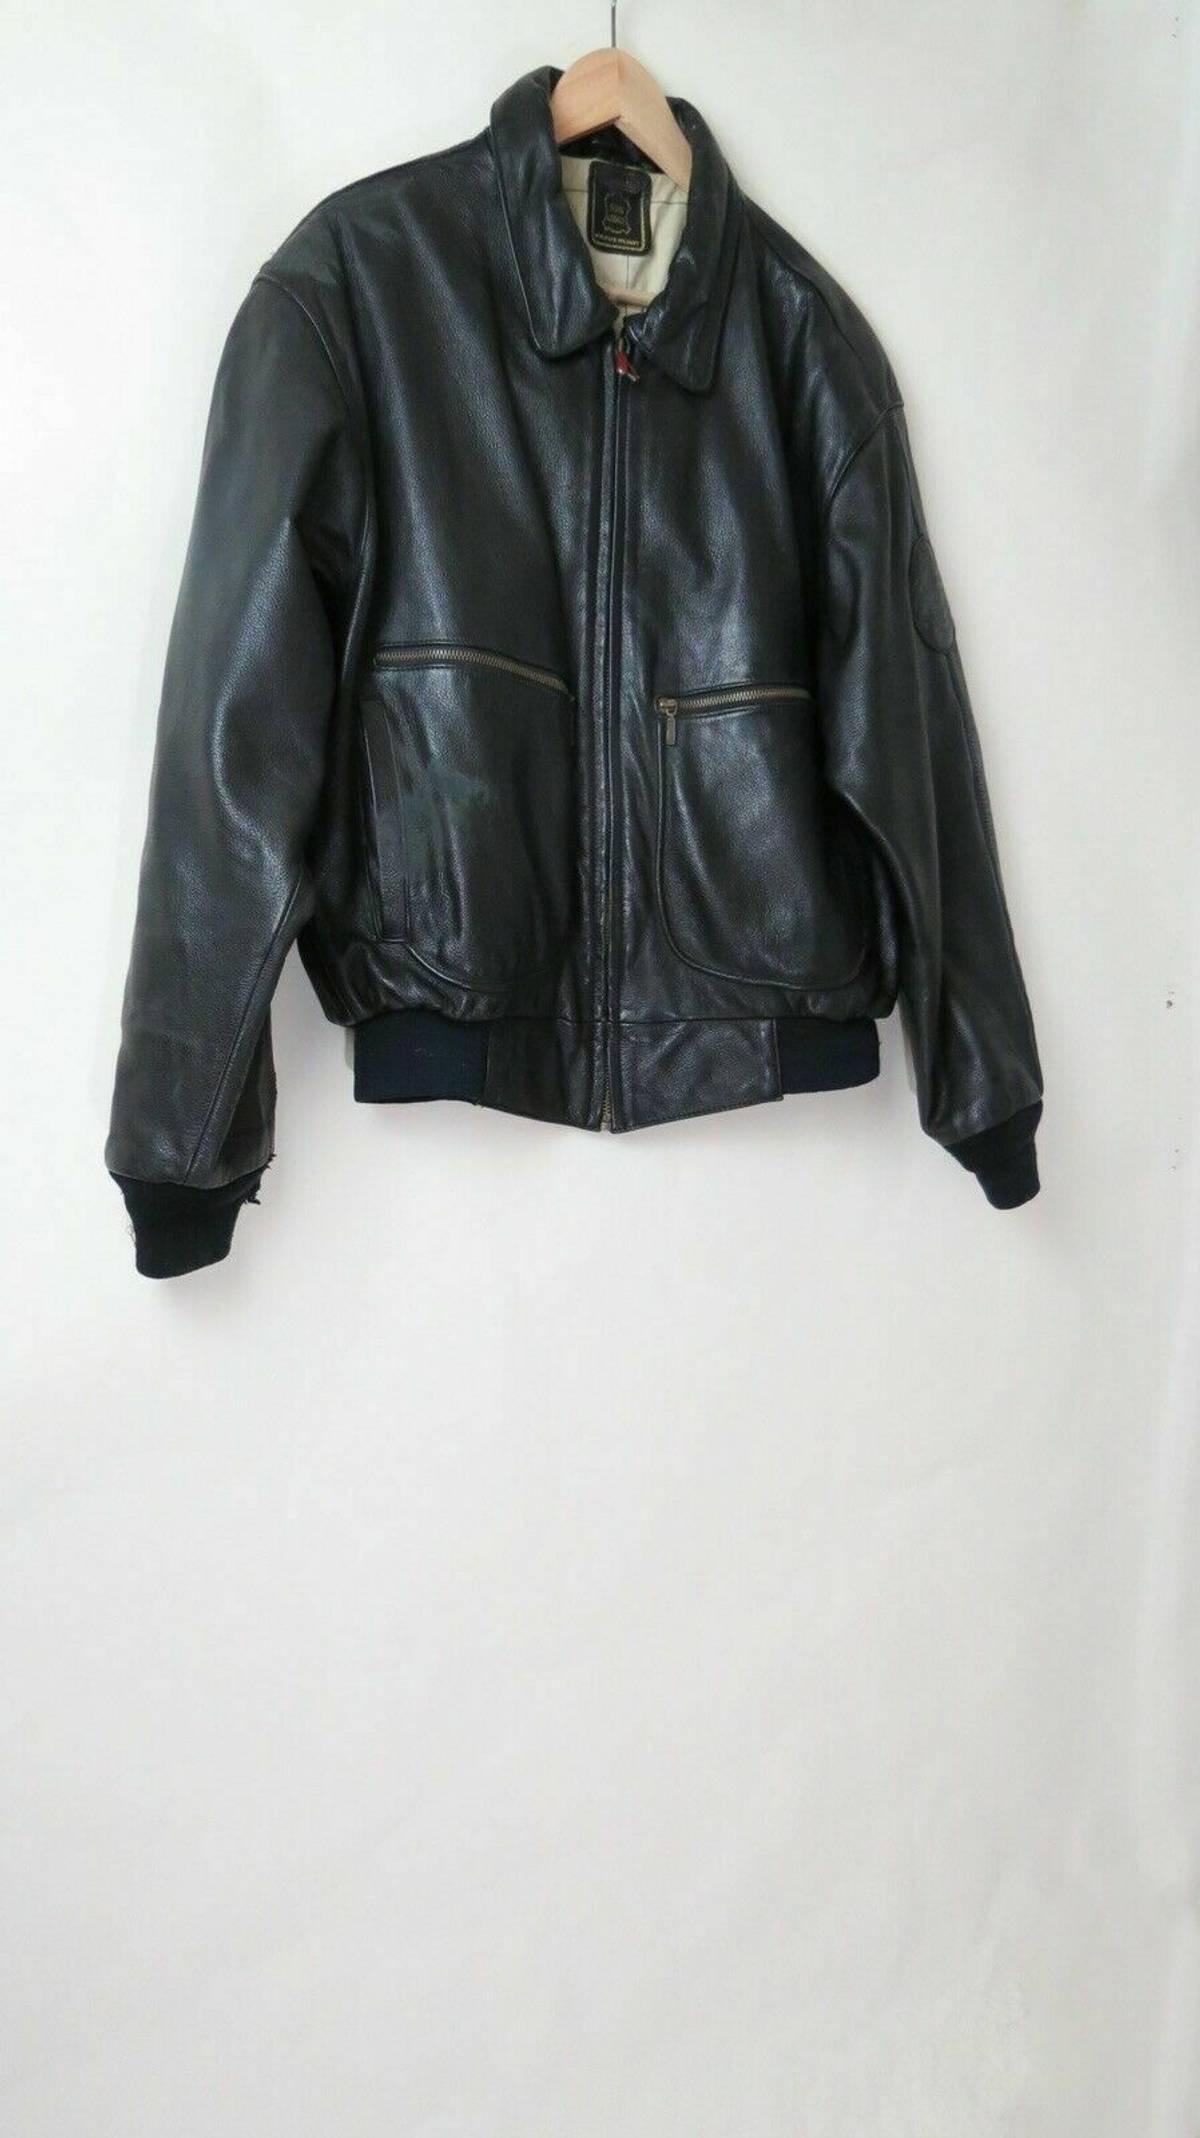 Vintage Echt Leder black bomber leather jacket 44